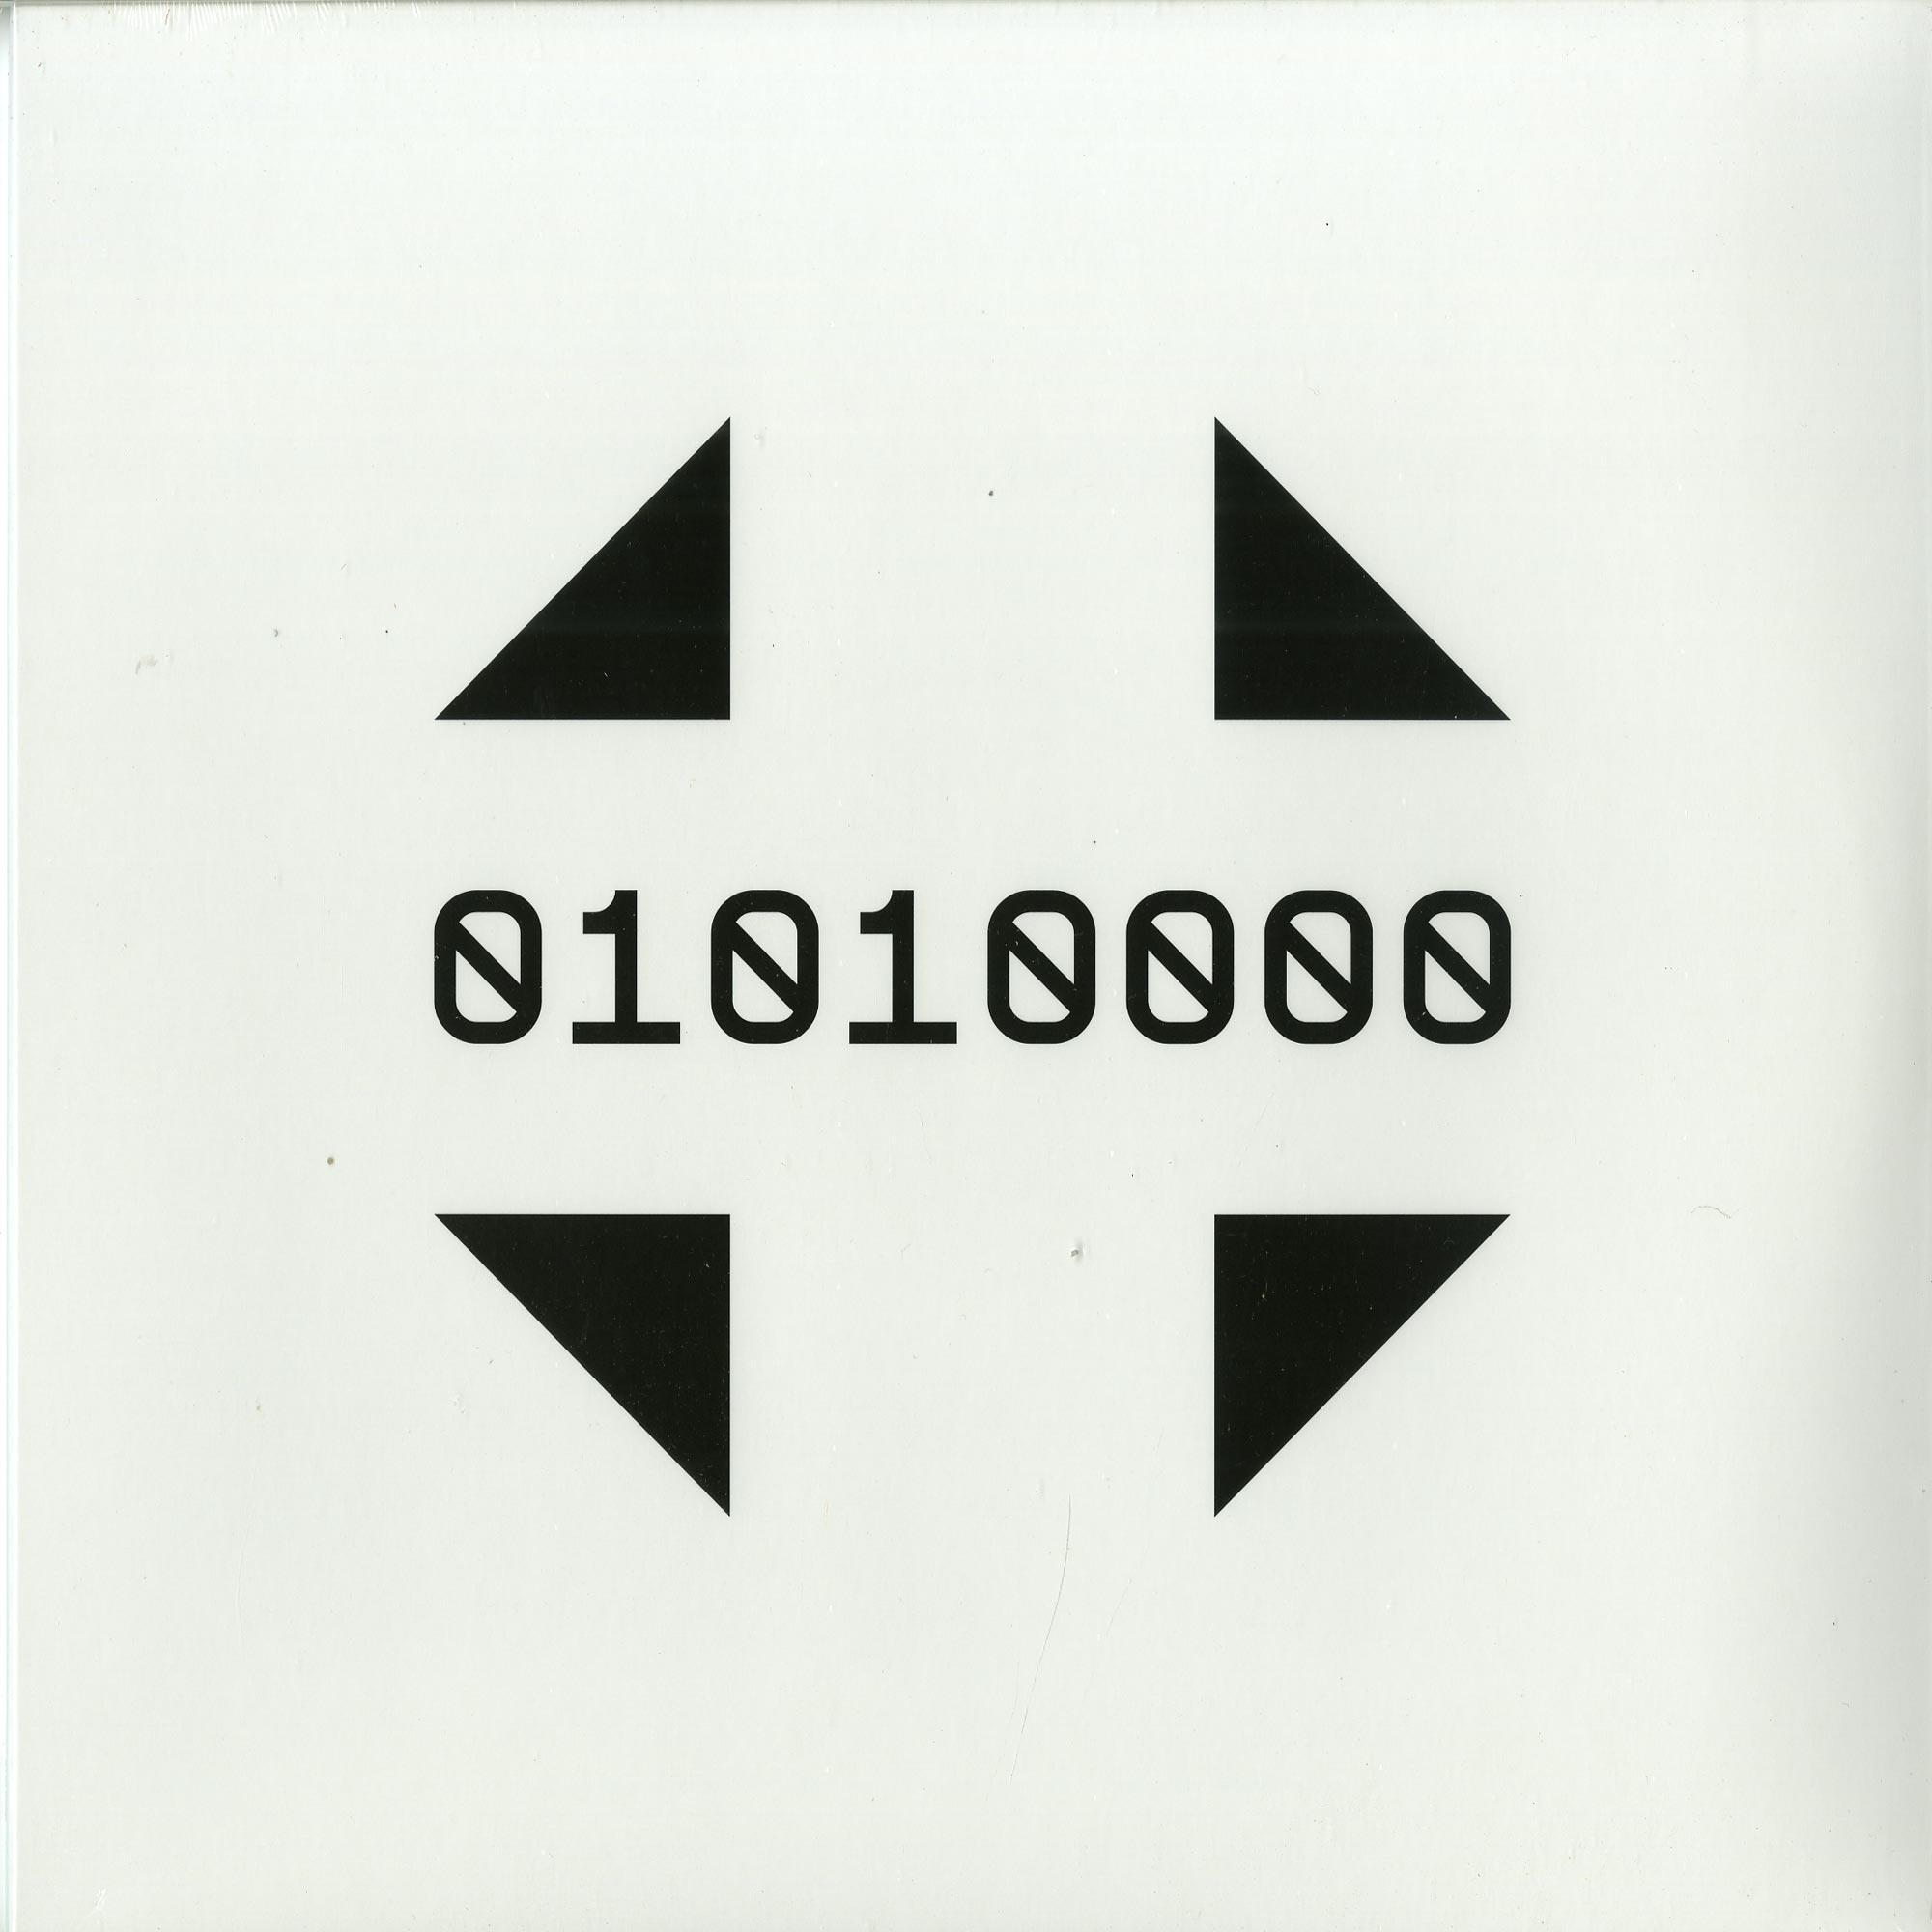 Datasette - KESTREL MANOEUVRES IN THE DARK